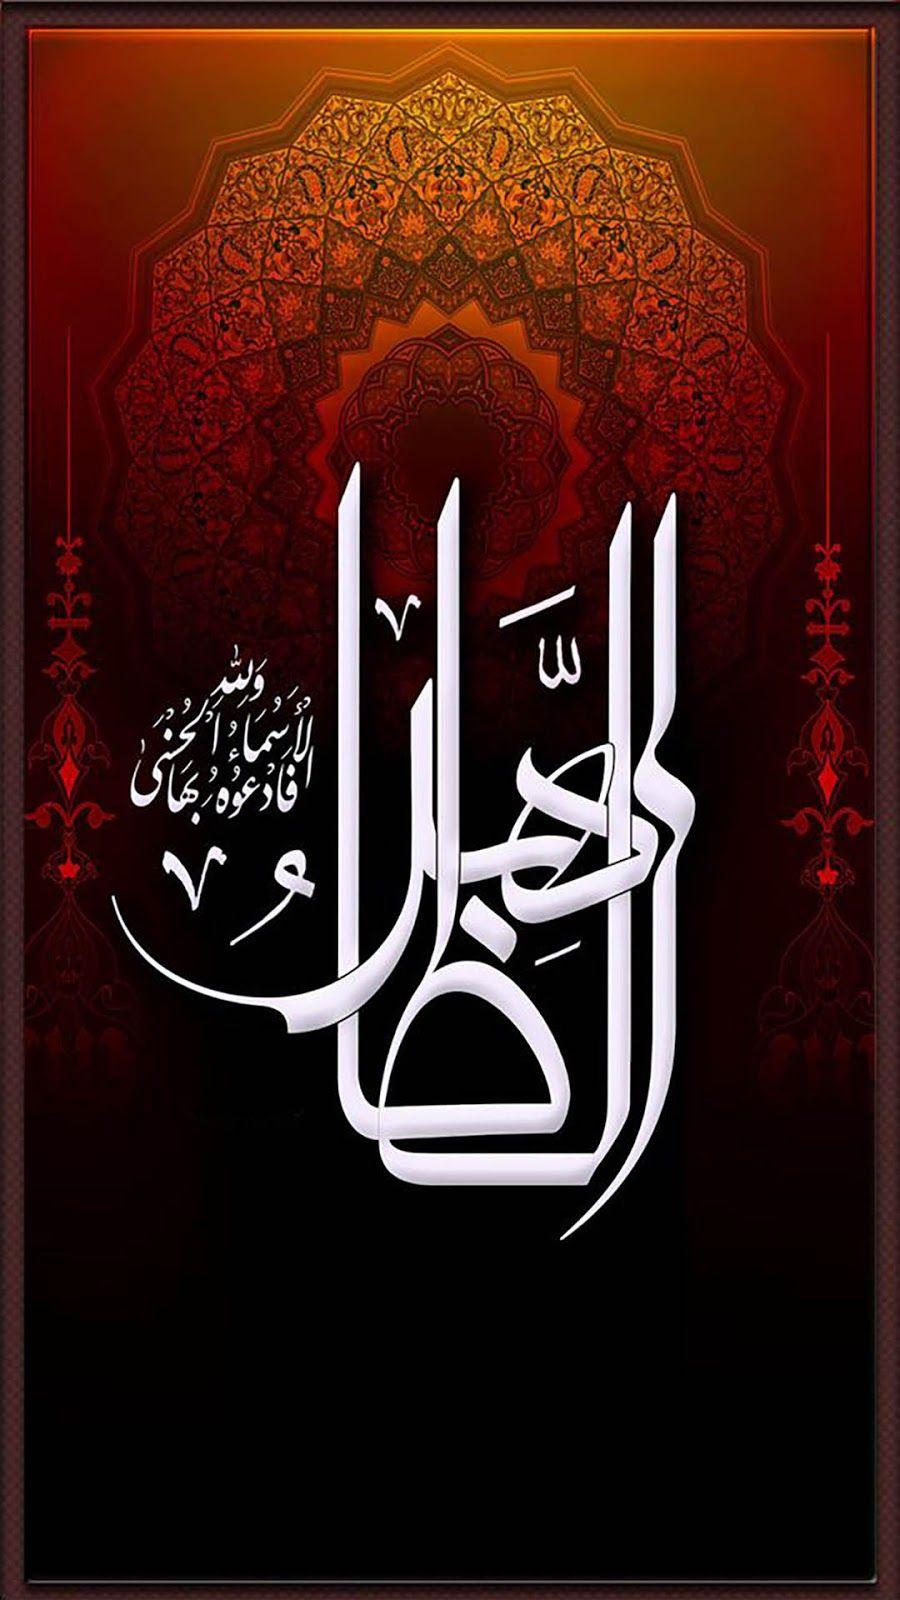 Kaligrafi in 2020 Islamic art calligraphy, Islamic